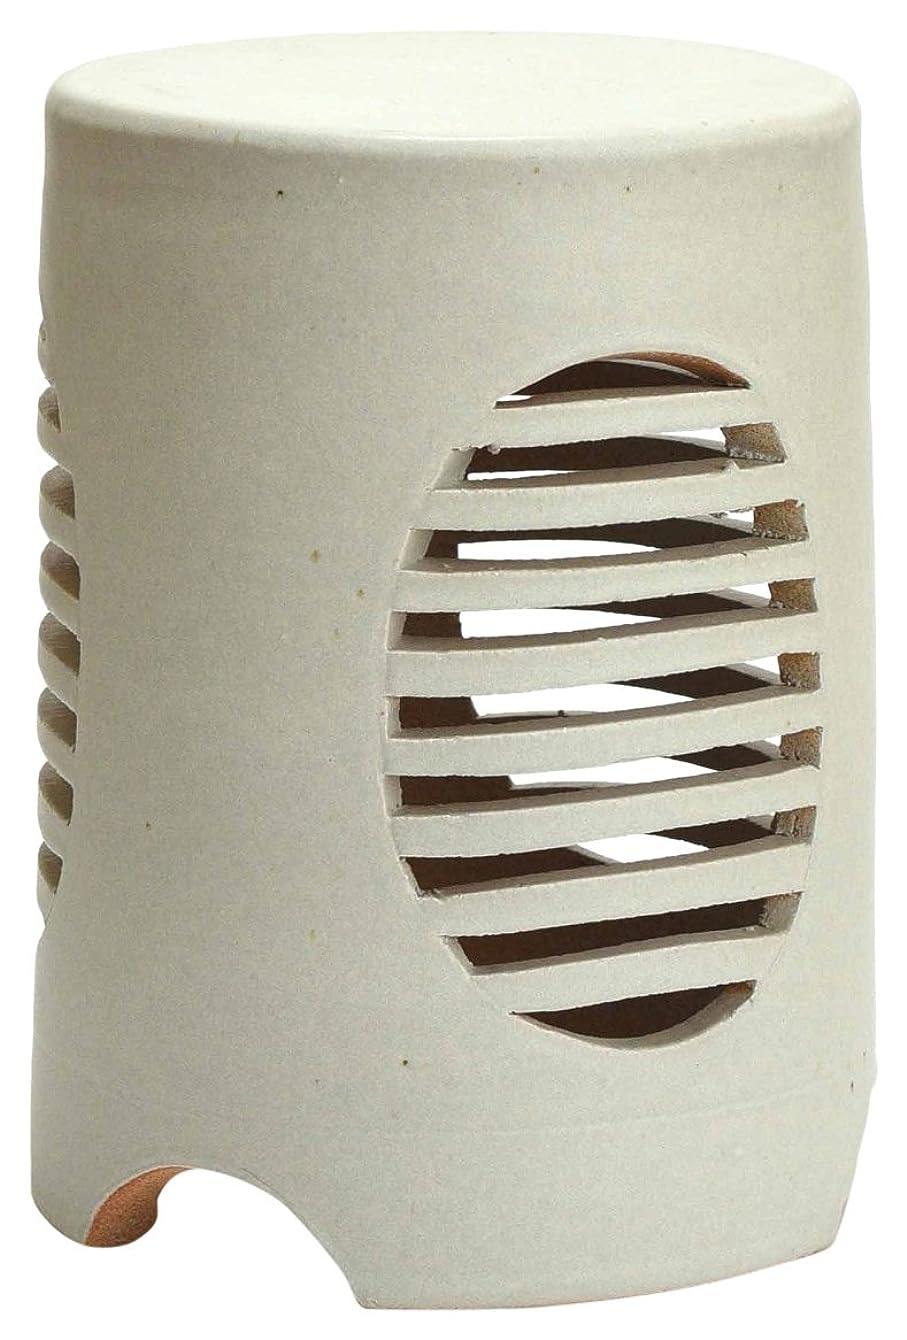 彼女自身ペニー伝統的白 RS-W 信楽焼ガーデンライトLED照明付 庭園陶器ライト サイズ:直径200㎜ x高さ270㎜